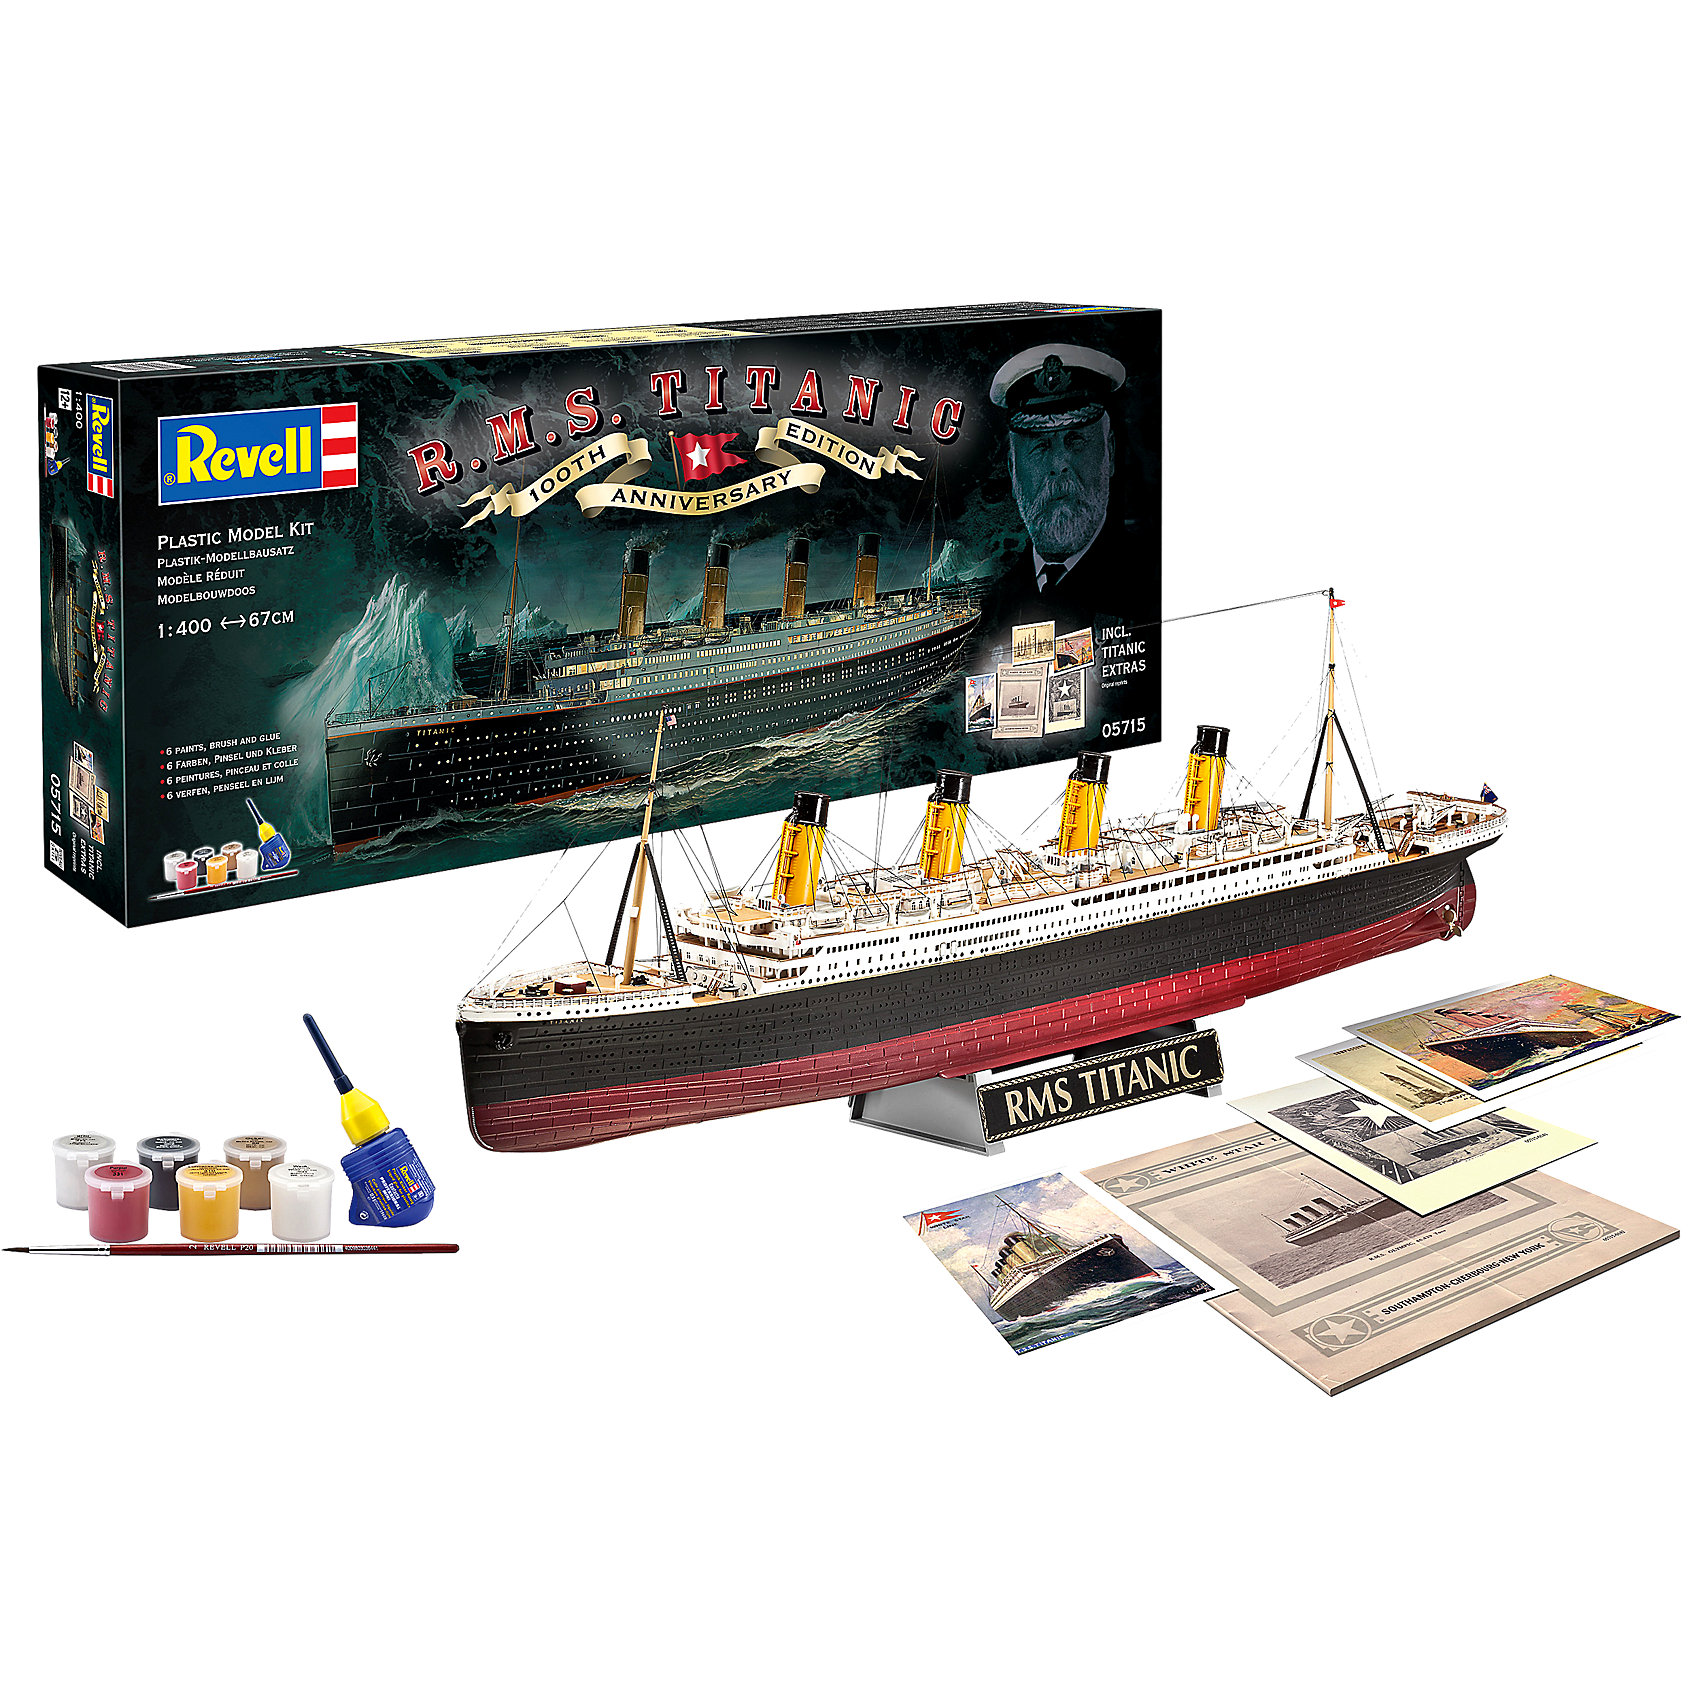 Подарочный набор 100-летняя годовщина ТитаникаМодели для склеивания<br>Подарочный набор 100-летняя годовщина Титаника приурочен к столетию печальной славы всемирно известнейшего круизного лайнера Титаник  <br>«Титаник» (RMS Titanic) - английский пароход произведенный компанией Уайт Стар Лайн, был вторым из трех кораблей-близнецов типа Олимпик. Самый большой пассажирский лайнер мира в свое время. Известен своим печальным первым и единственным рейсом -14 апреля 1912 года, во время которого столкнулся с айсбергом и в течении 2 часов 40 минут затонул. В тот момент на корабле находилось 908 членов экипажа, 1316 пассажиров, всего 2224 человека. Спастись смогли только 711 человек, 1513 погибло. Крушение Титаника  стало легендарным, на основе этих событий было снято множество художественных фильмов. <br>С помощью этого набора Вы можете собственноручно собрать копию легендарного Титаника максимально приближенную к оригиналу. В комплект входят краски и клей для полноценной сборки. <br>Масштаб: 1:400; Количество деталей: 262; Длина: 670мм; Год выпуска: 1912г(Великобритания).<br><br>Ширина мм: 692<br>Глубина мм: 279<br>Высота мм: 71<br>Вес г: 1213<br>Возраст от месяцев: 144<br>Возраст до месяцев: 192<br>Пол: Мужской<br>Возраст: Детский<br>SKU: 2237667